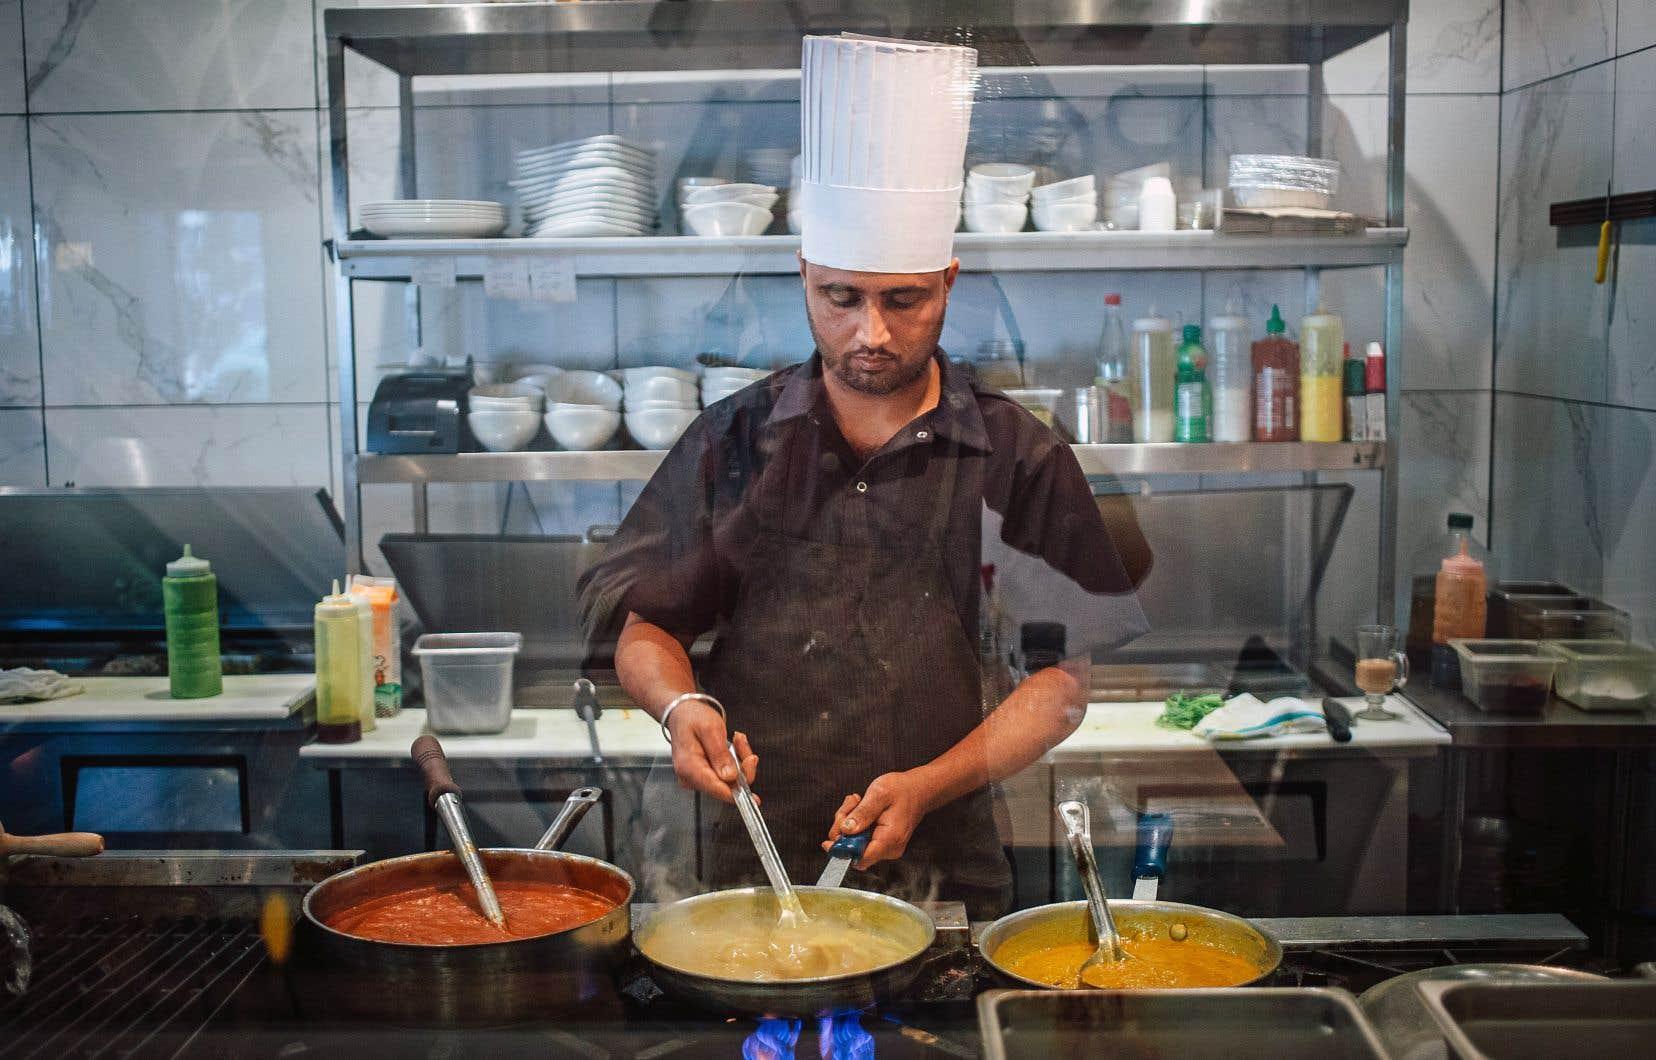 Même si des cuisines arrivent des effluves intéressants, l'agneau korma, le poulet Kadhai et les crevettes masala se révèlent plutôt modérés.